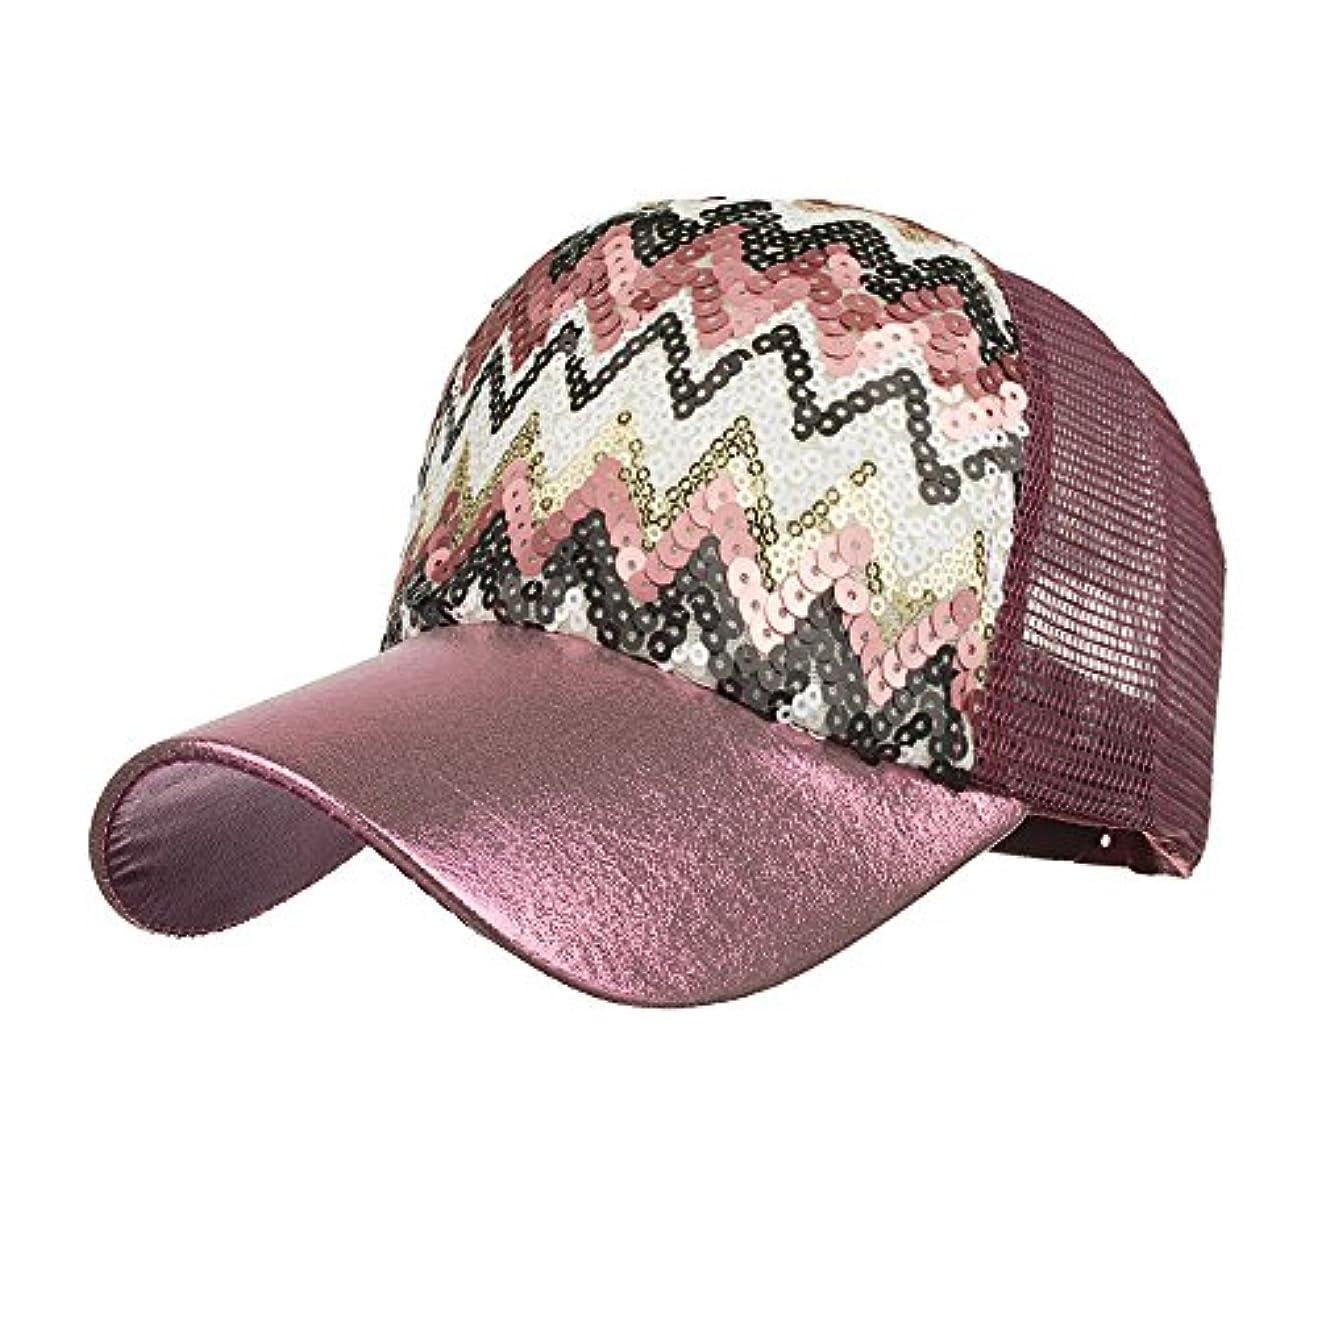 今晩消費する専門用語Racazing Cap 輝く棒球帽 カラーマッチング 野球帽 ヒップホップ 通気性のある ラインストーン 帽子 夏 登山 アメリカの旗 可調整可能 男女兼用 UV 帽子 軽量 屋外 メッシュ Unisex Cap (紫の)